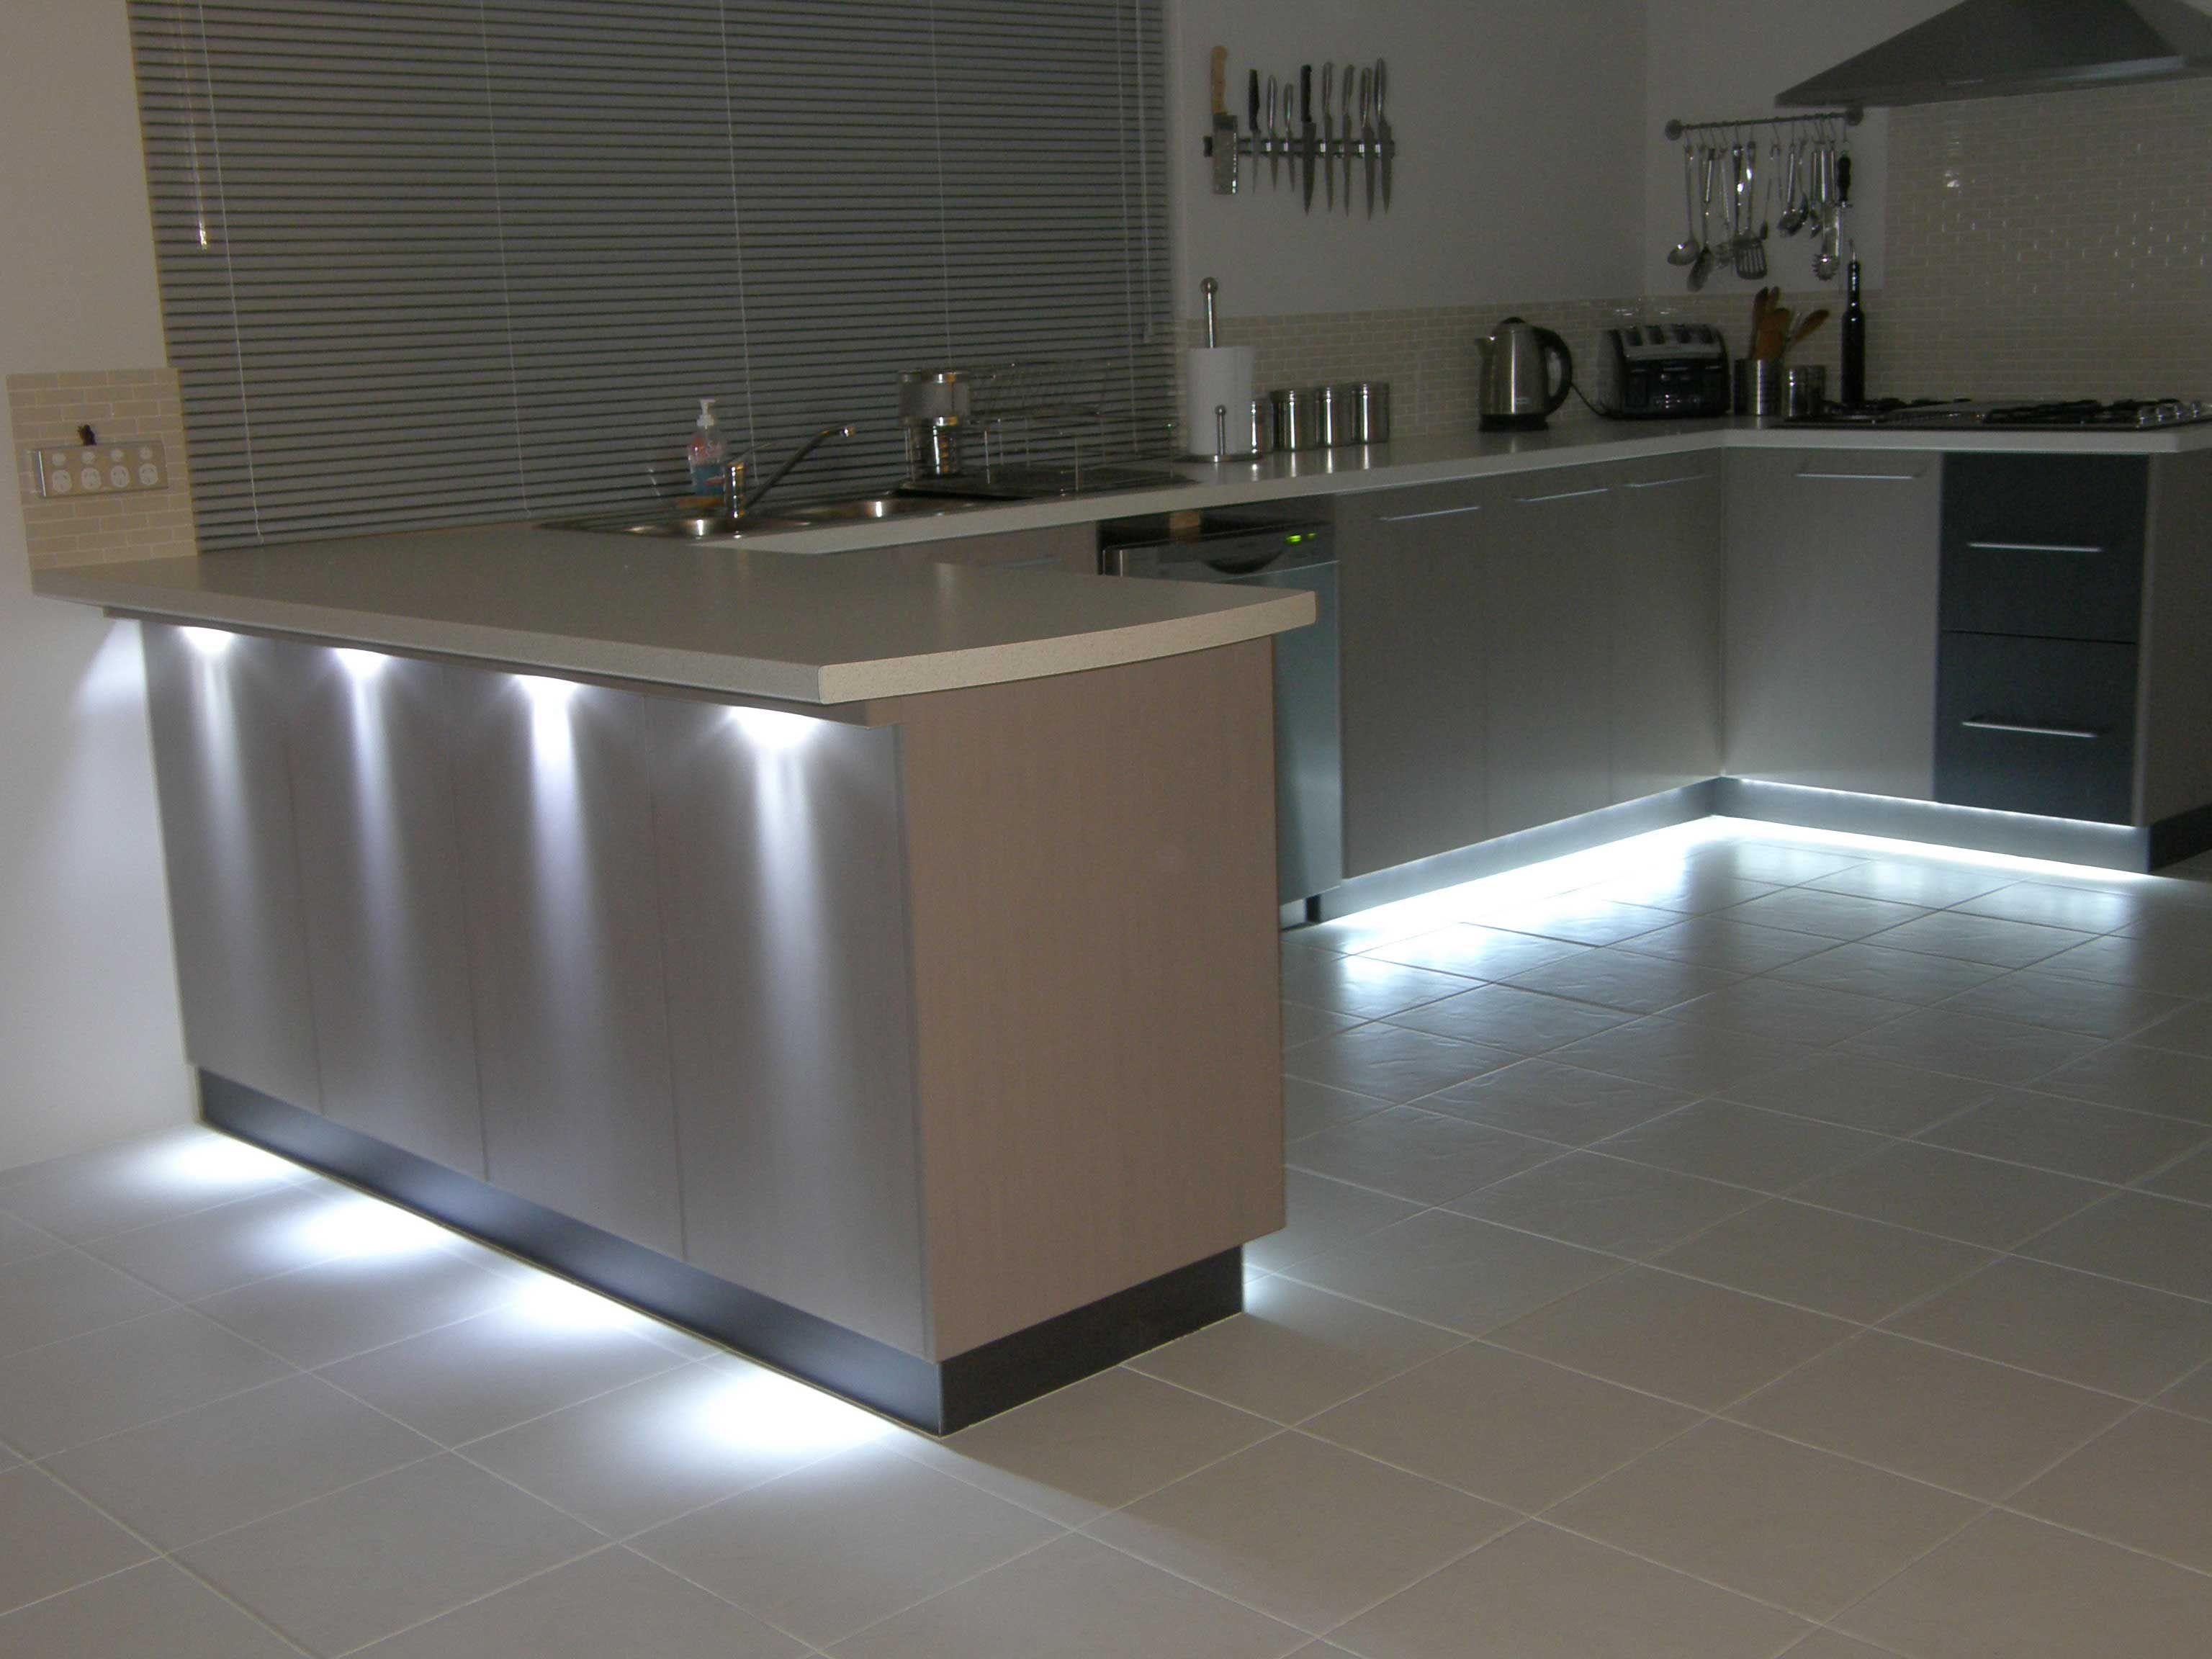 Led Lighting Ideas For Kitchen